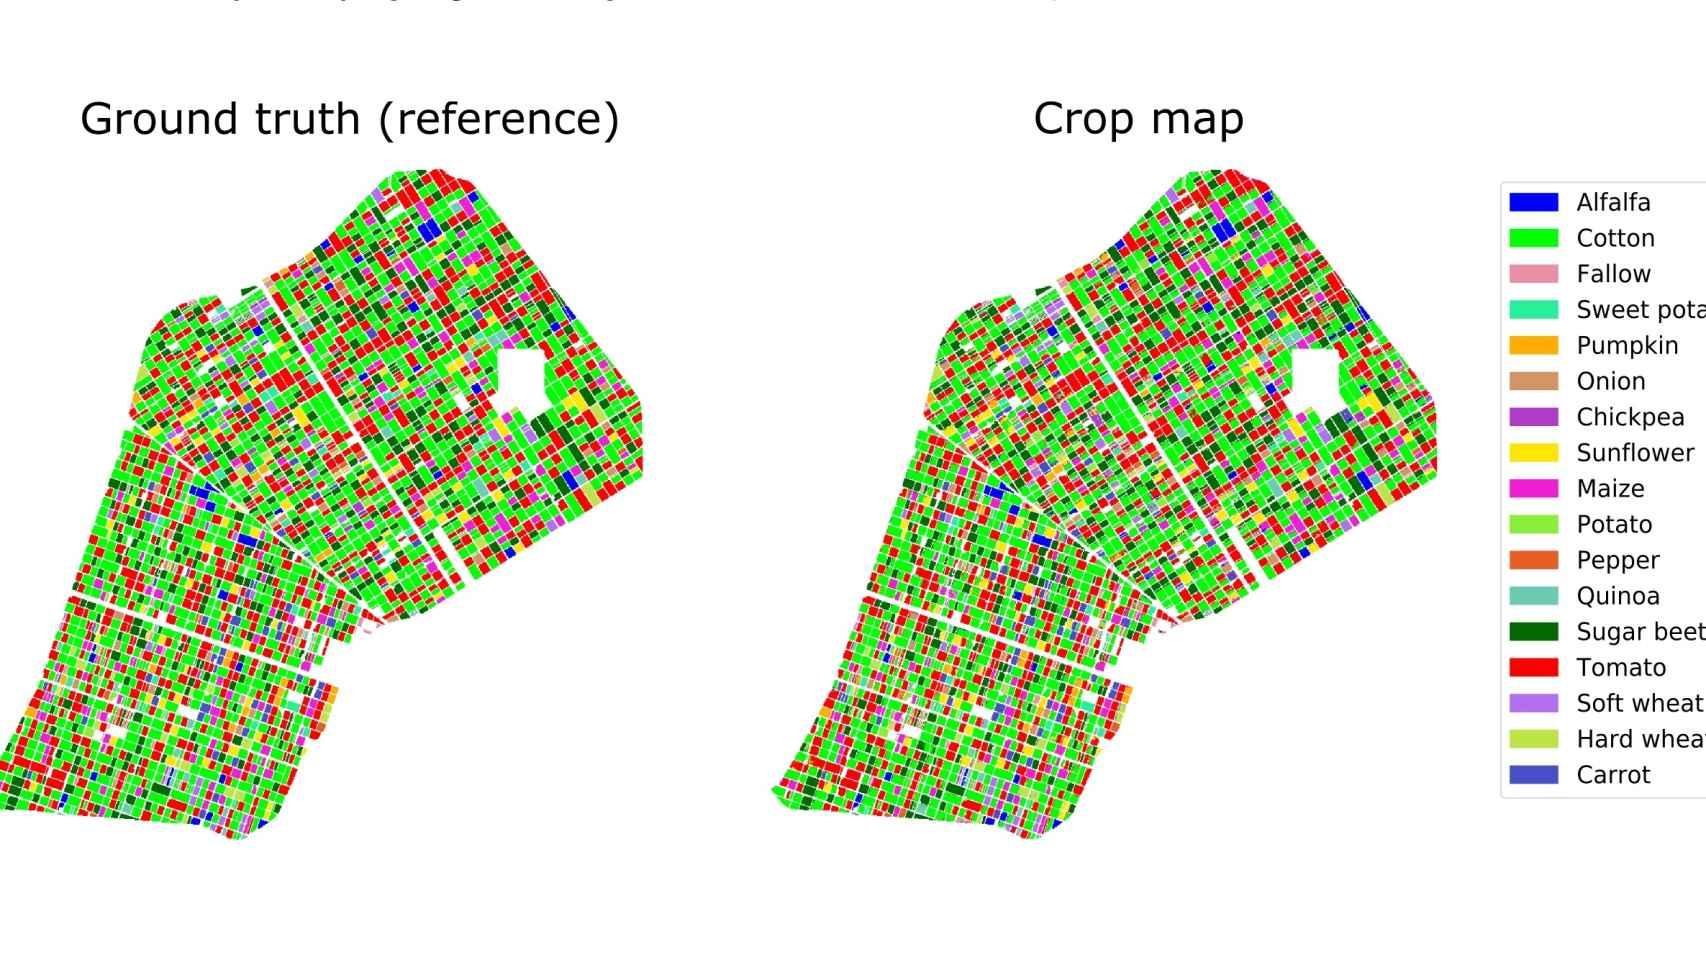 Mapas de cultivos proporcionados por la cartografía espacial.